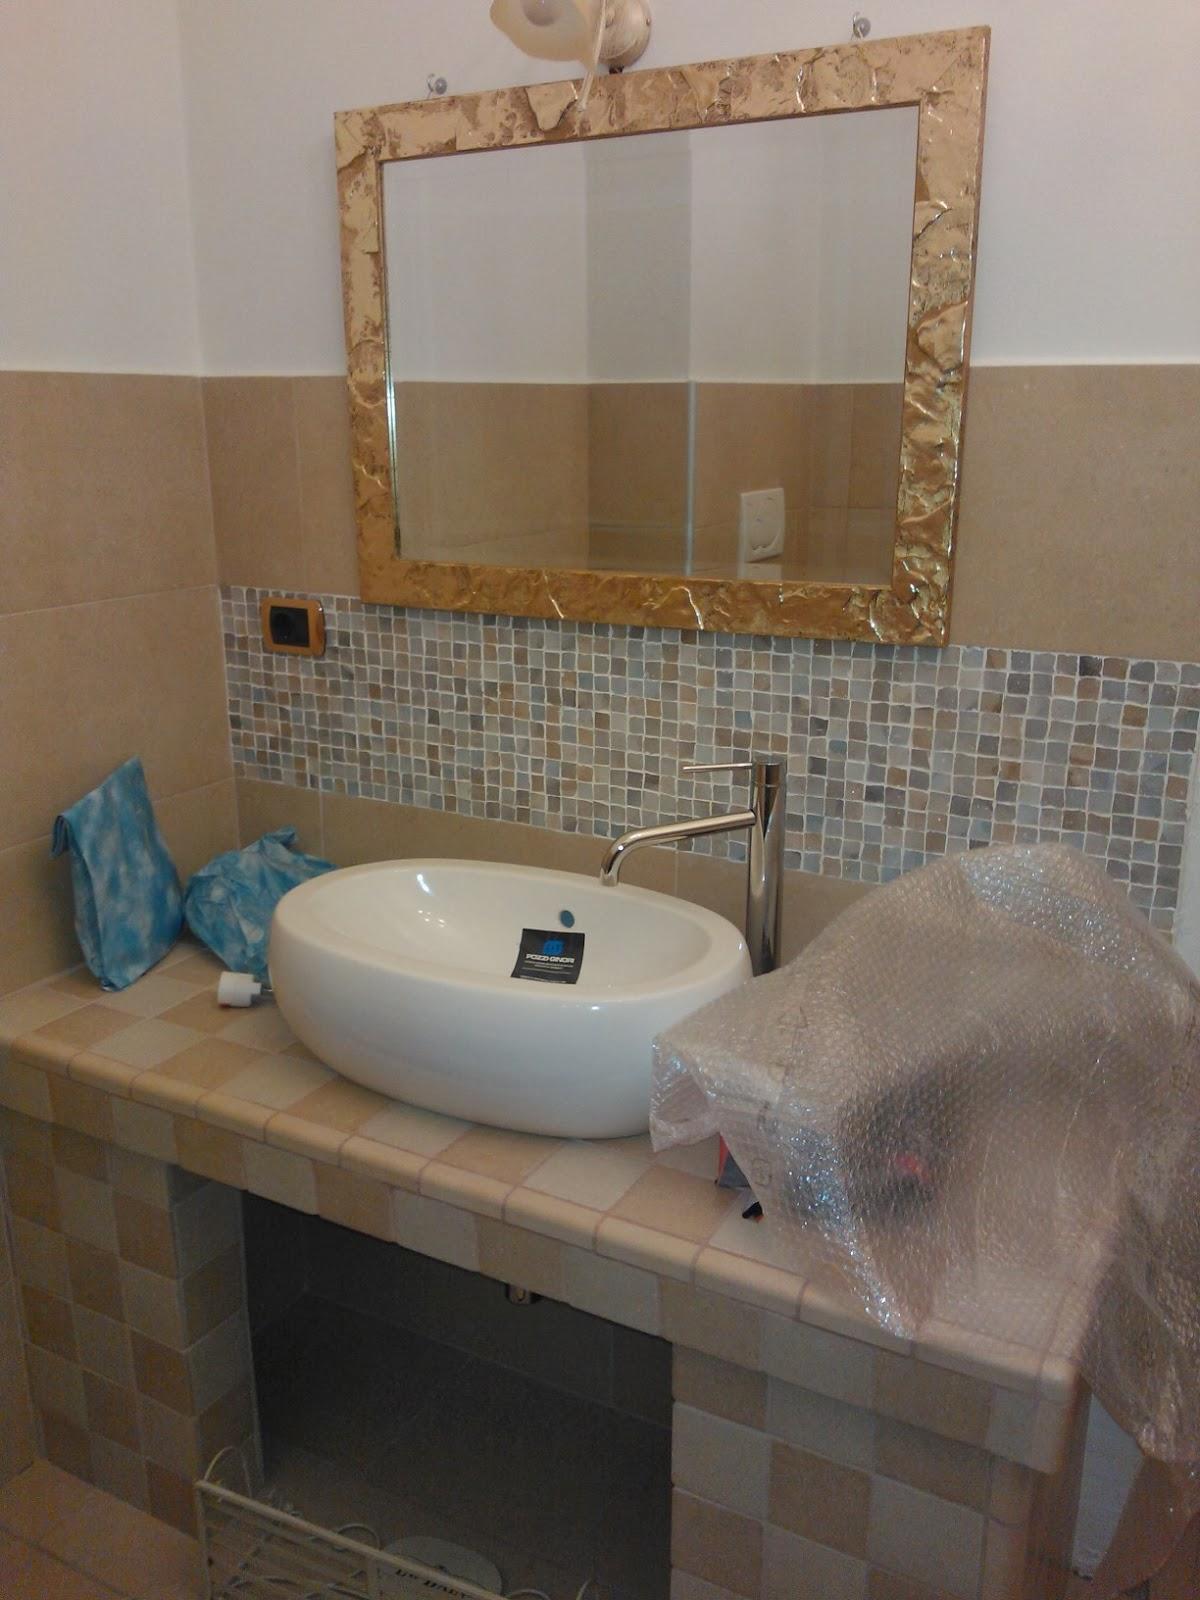 Immagini bagni in muratura - Bagno in muratura foto ...